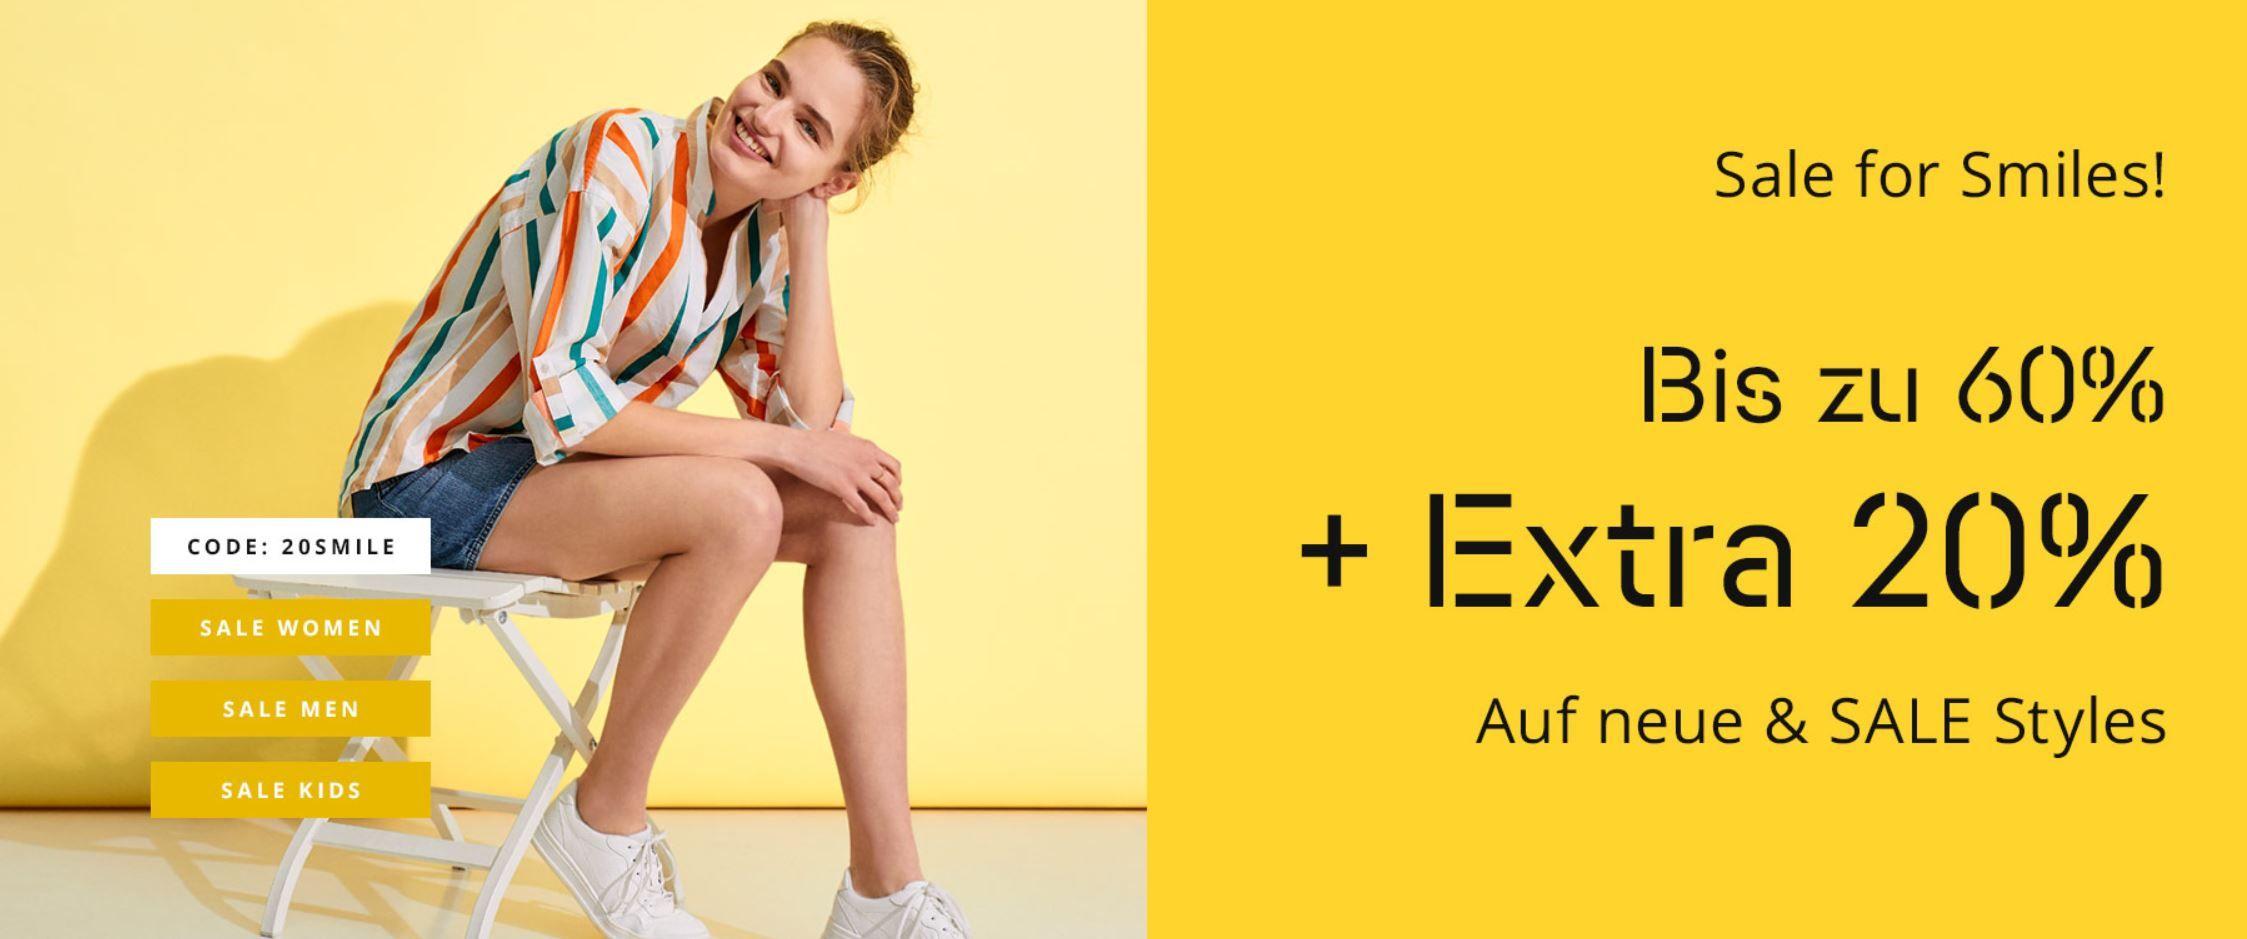 Esprit Sale bis 60% + 20% extra Rabatt + VSK nur 0,99€